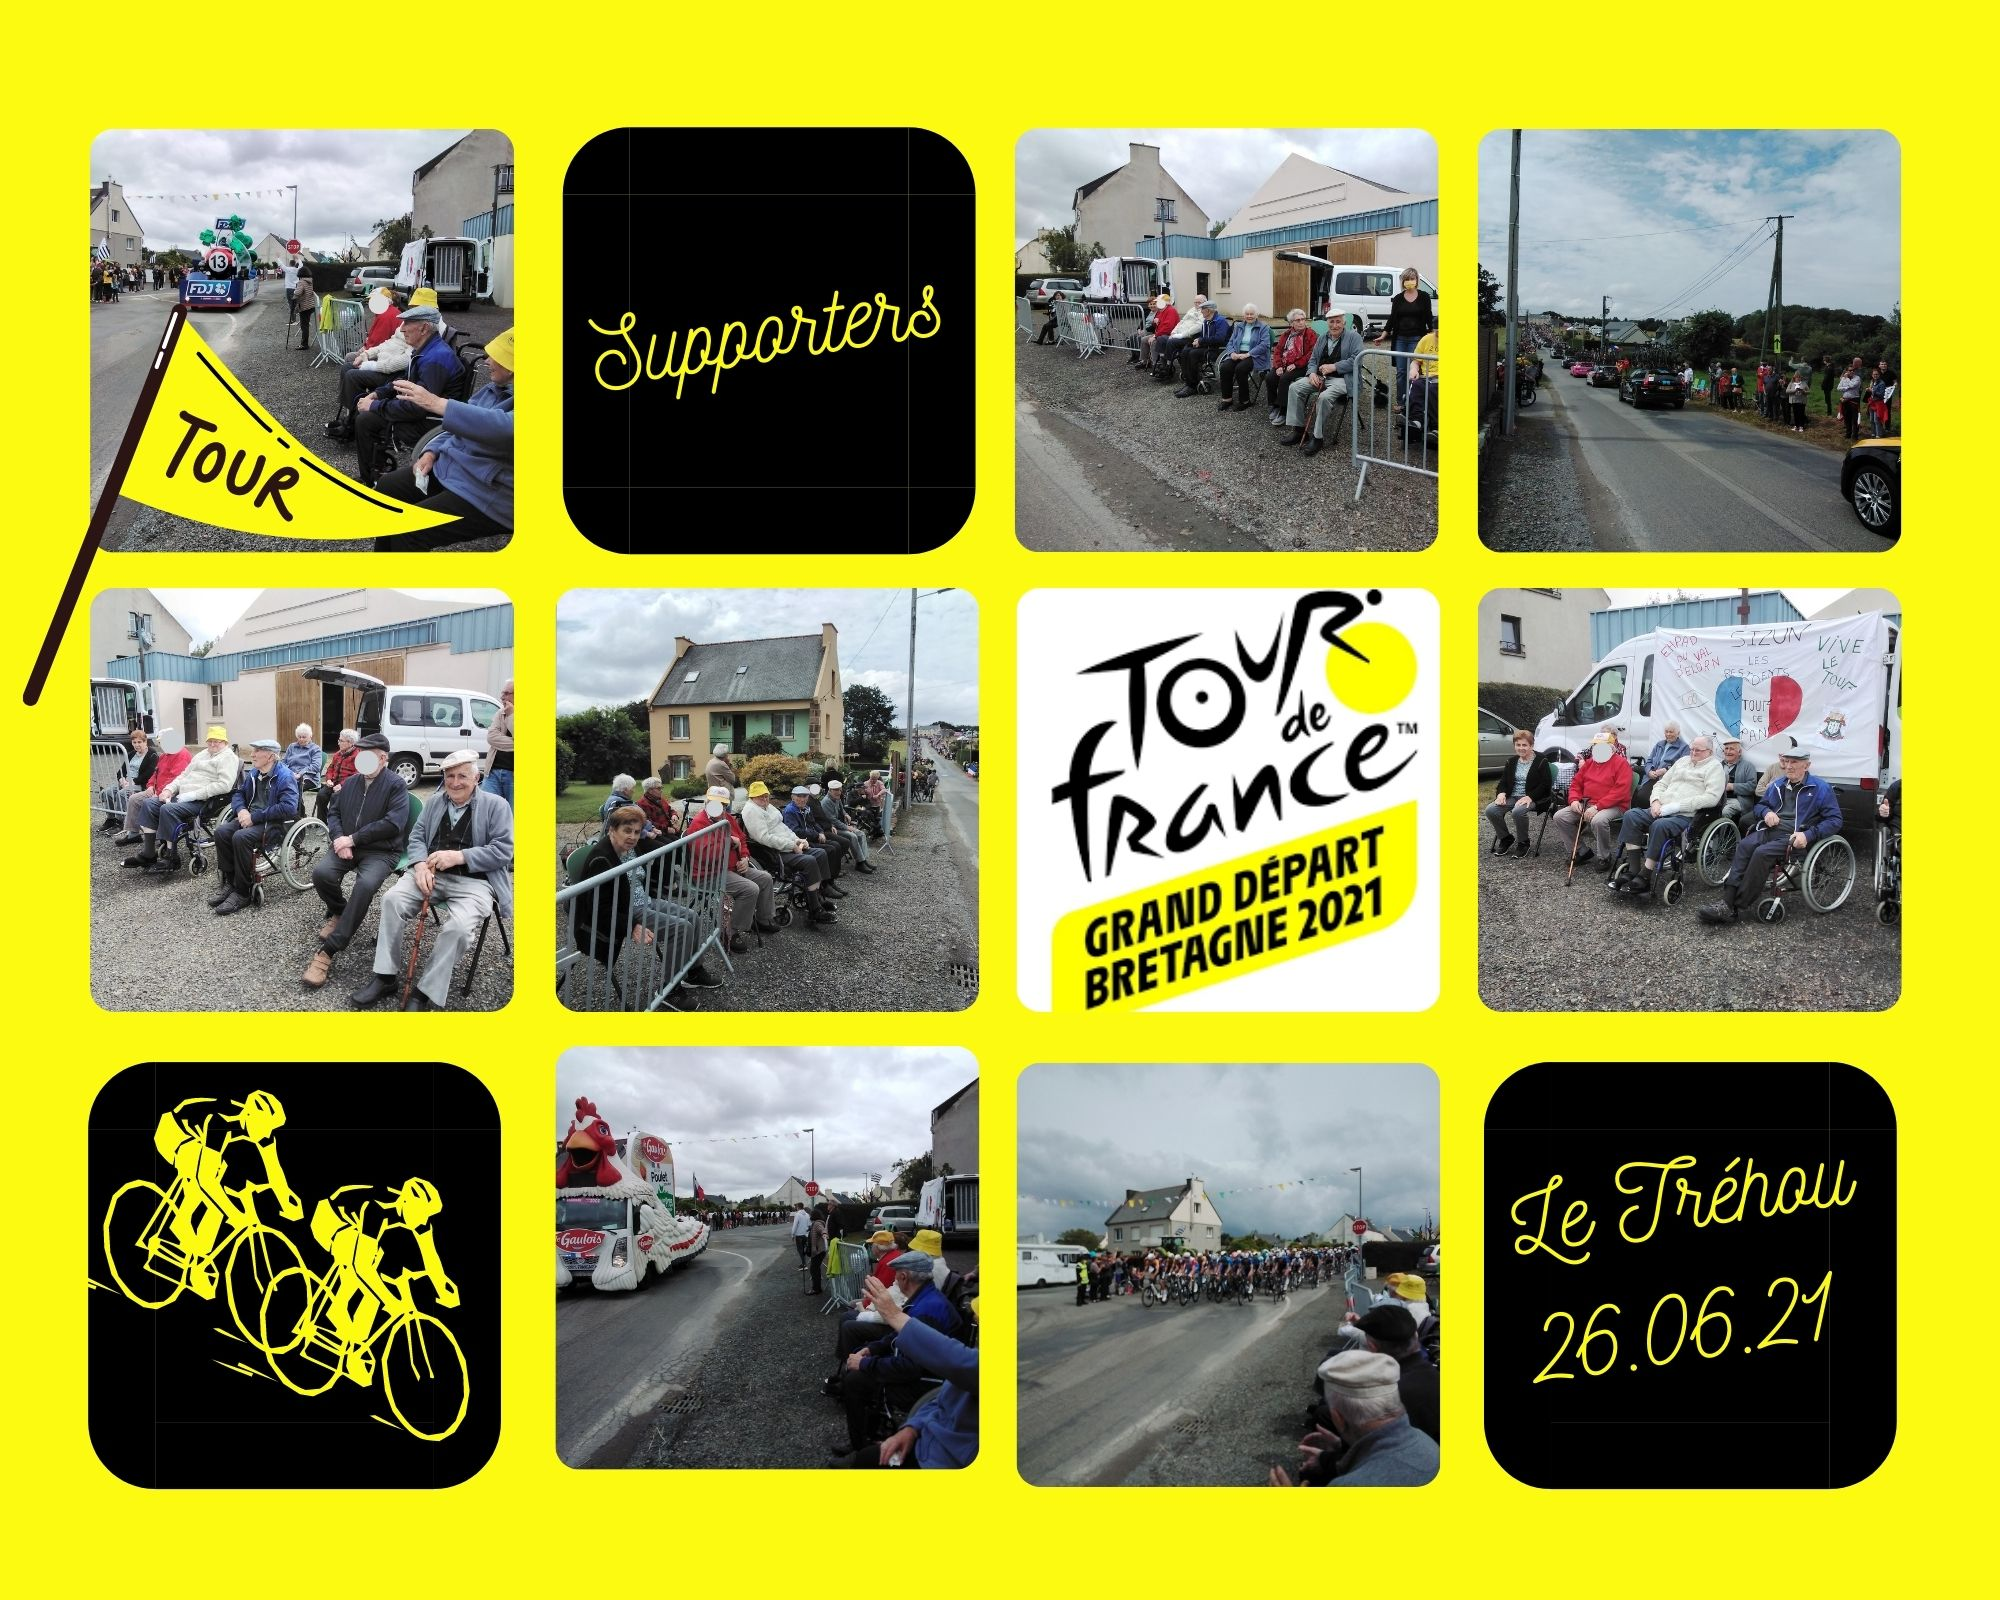 Supporters du Tour de France